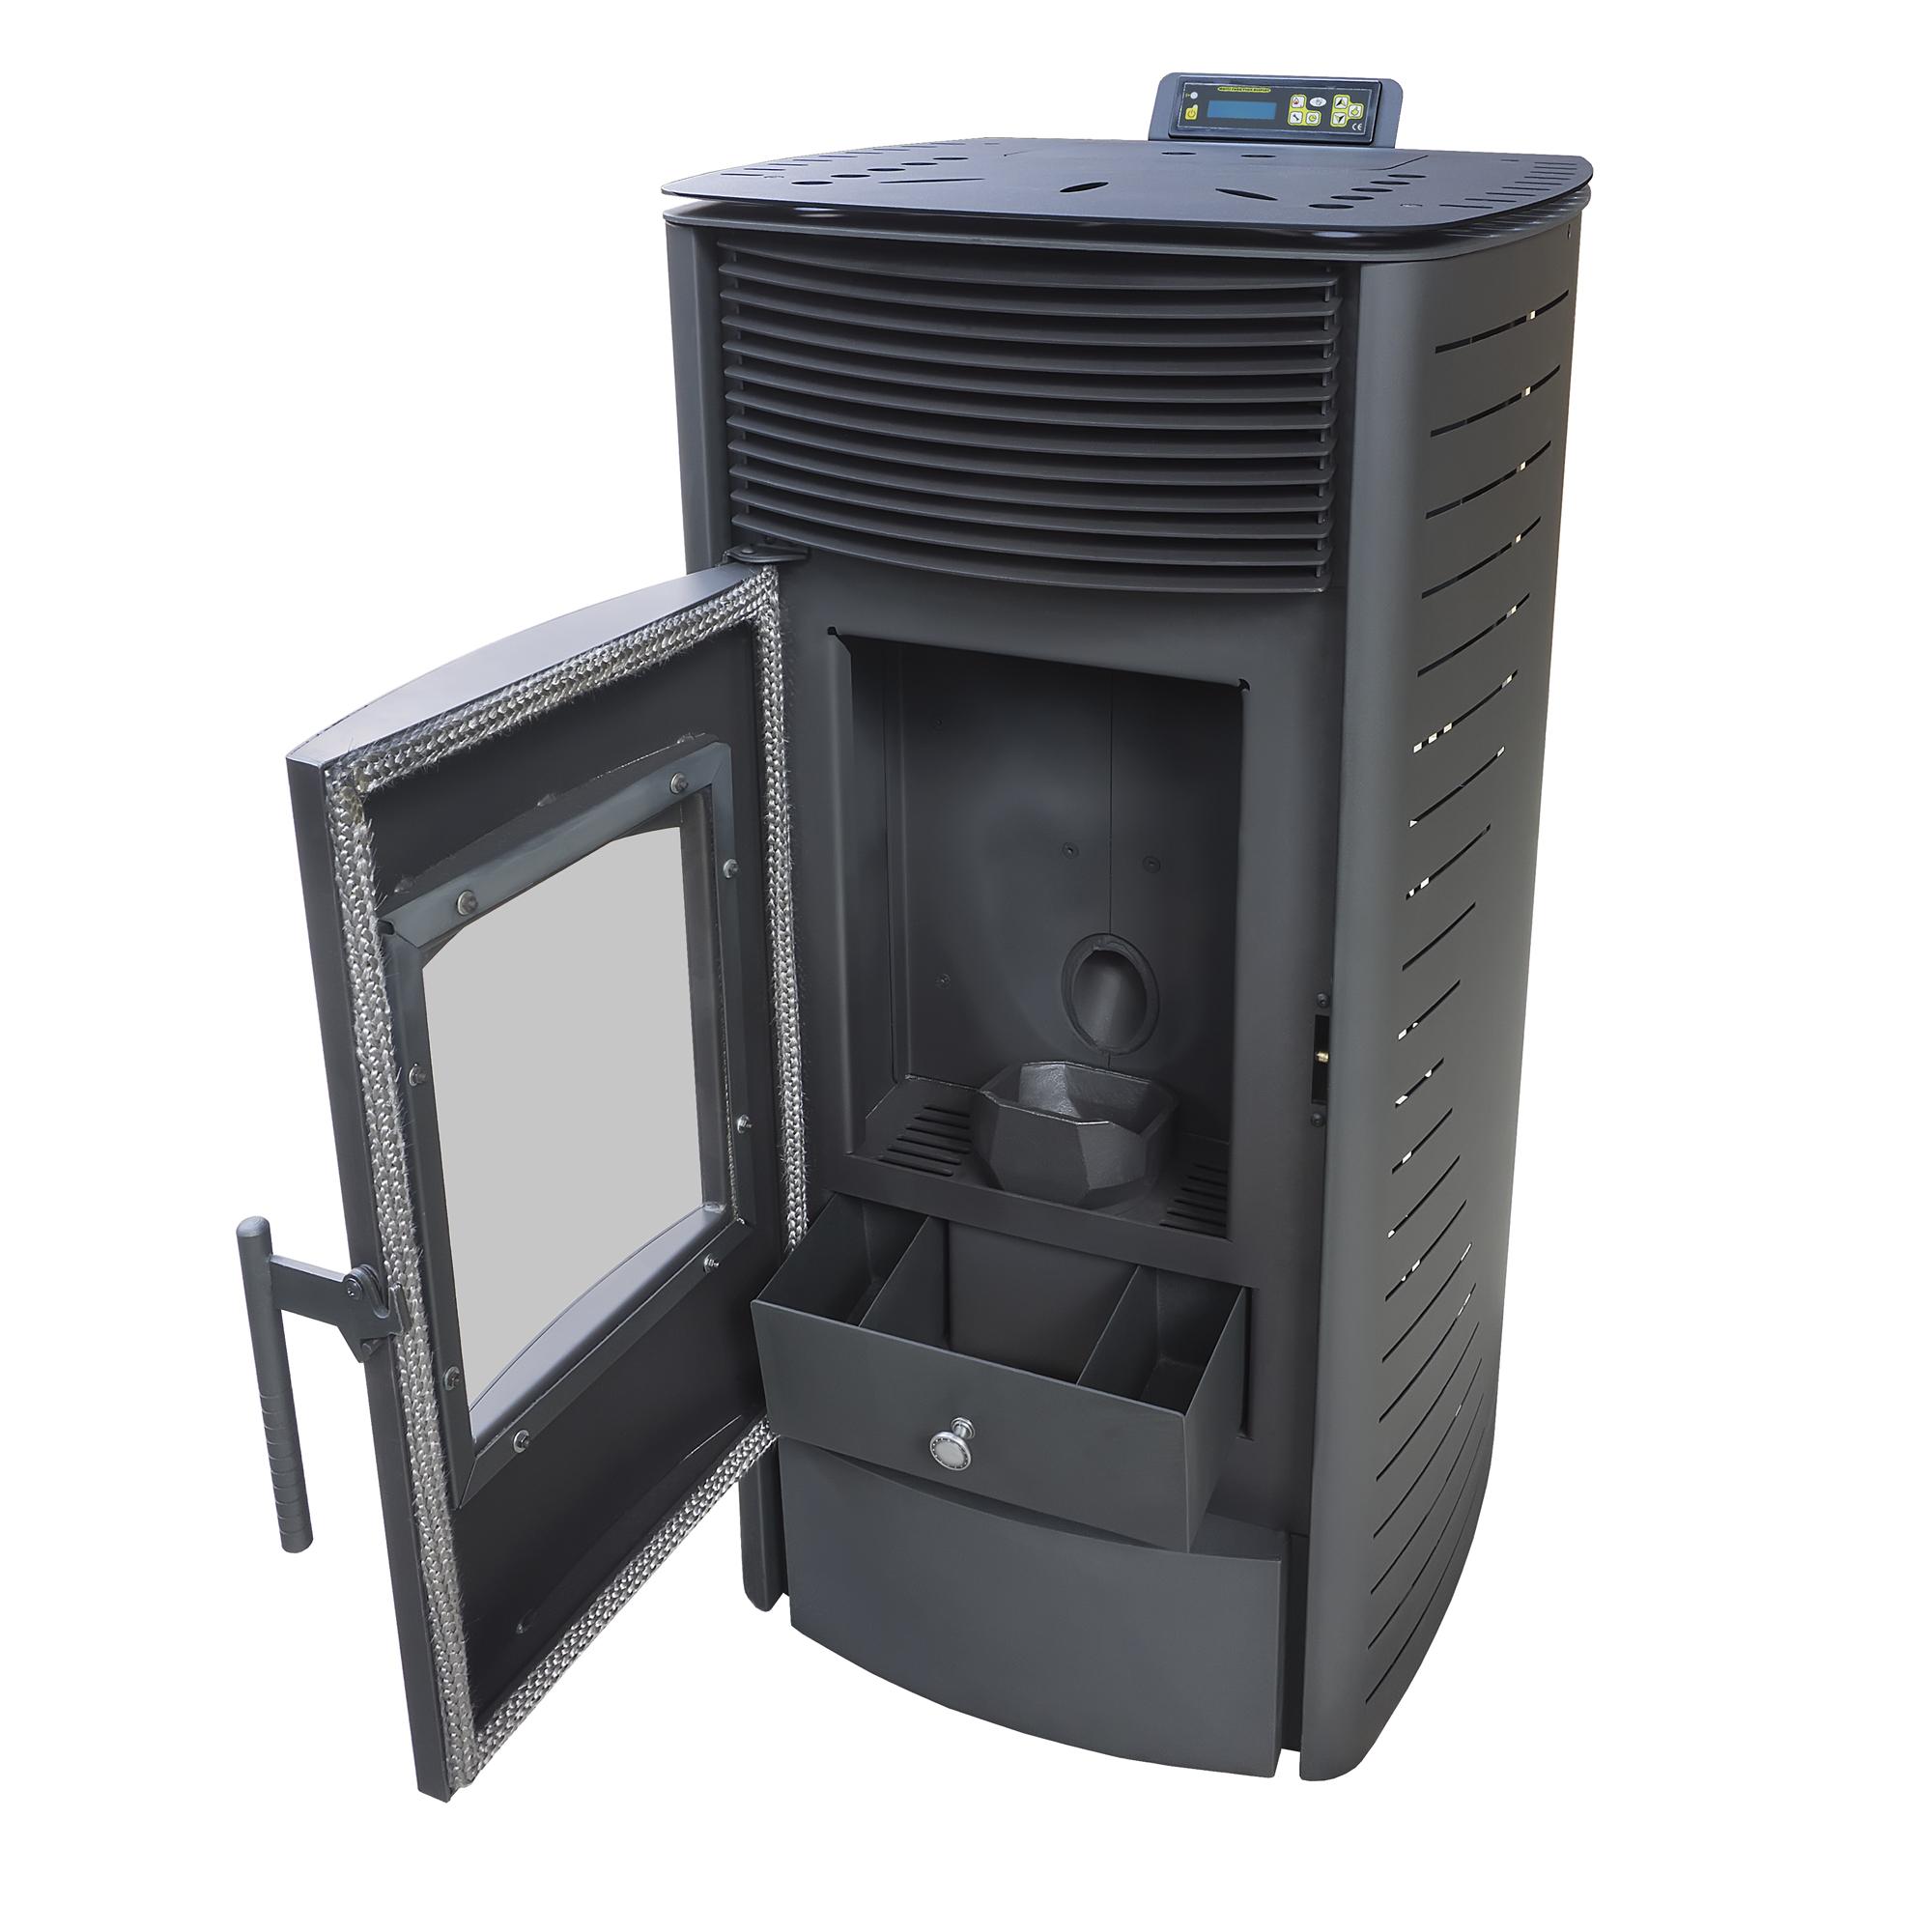 nemaxx 12 kw pelletofen pellet kaminofen pelletkamin. Black Bedroom Furniture Sets. Home Design Ideas